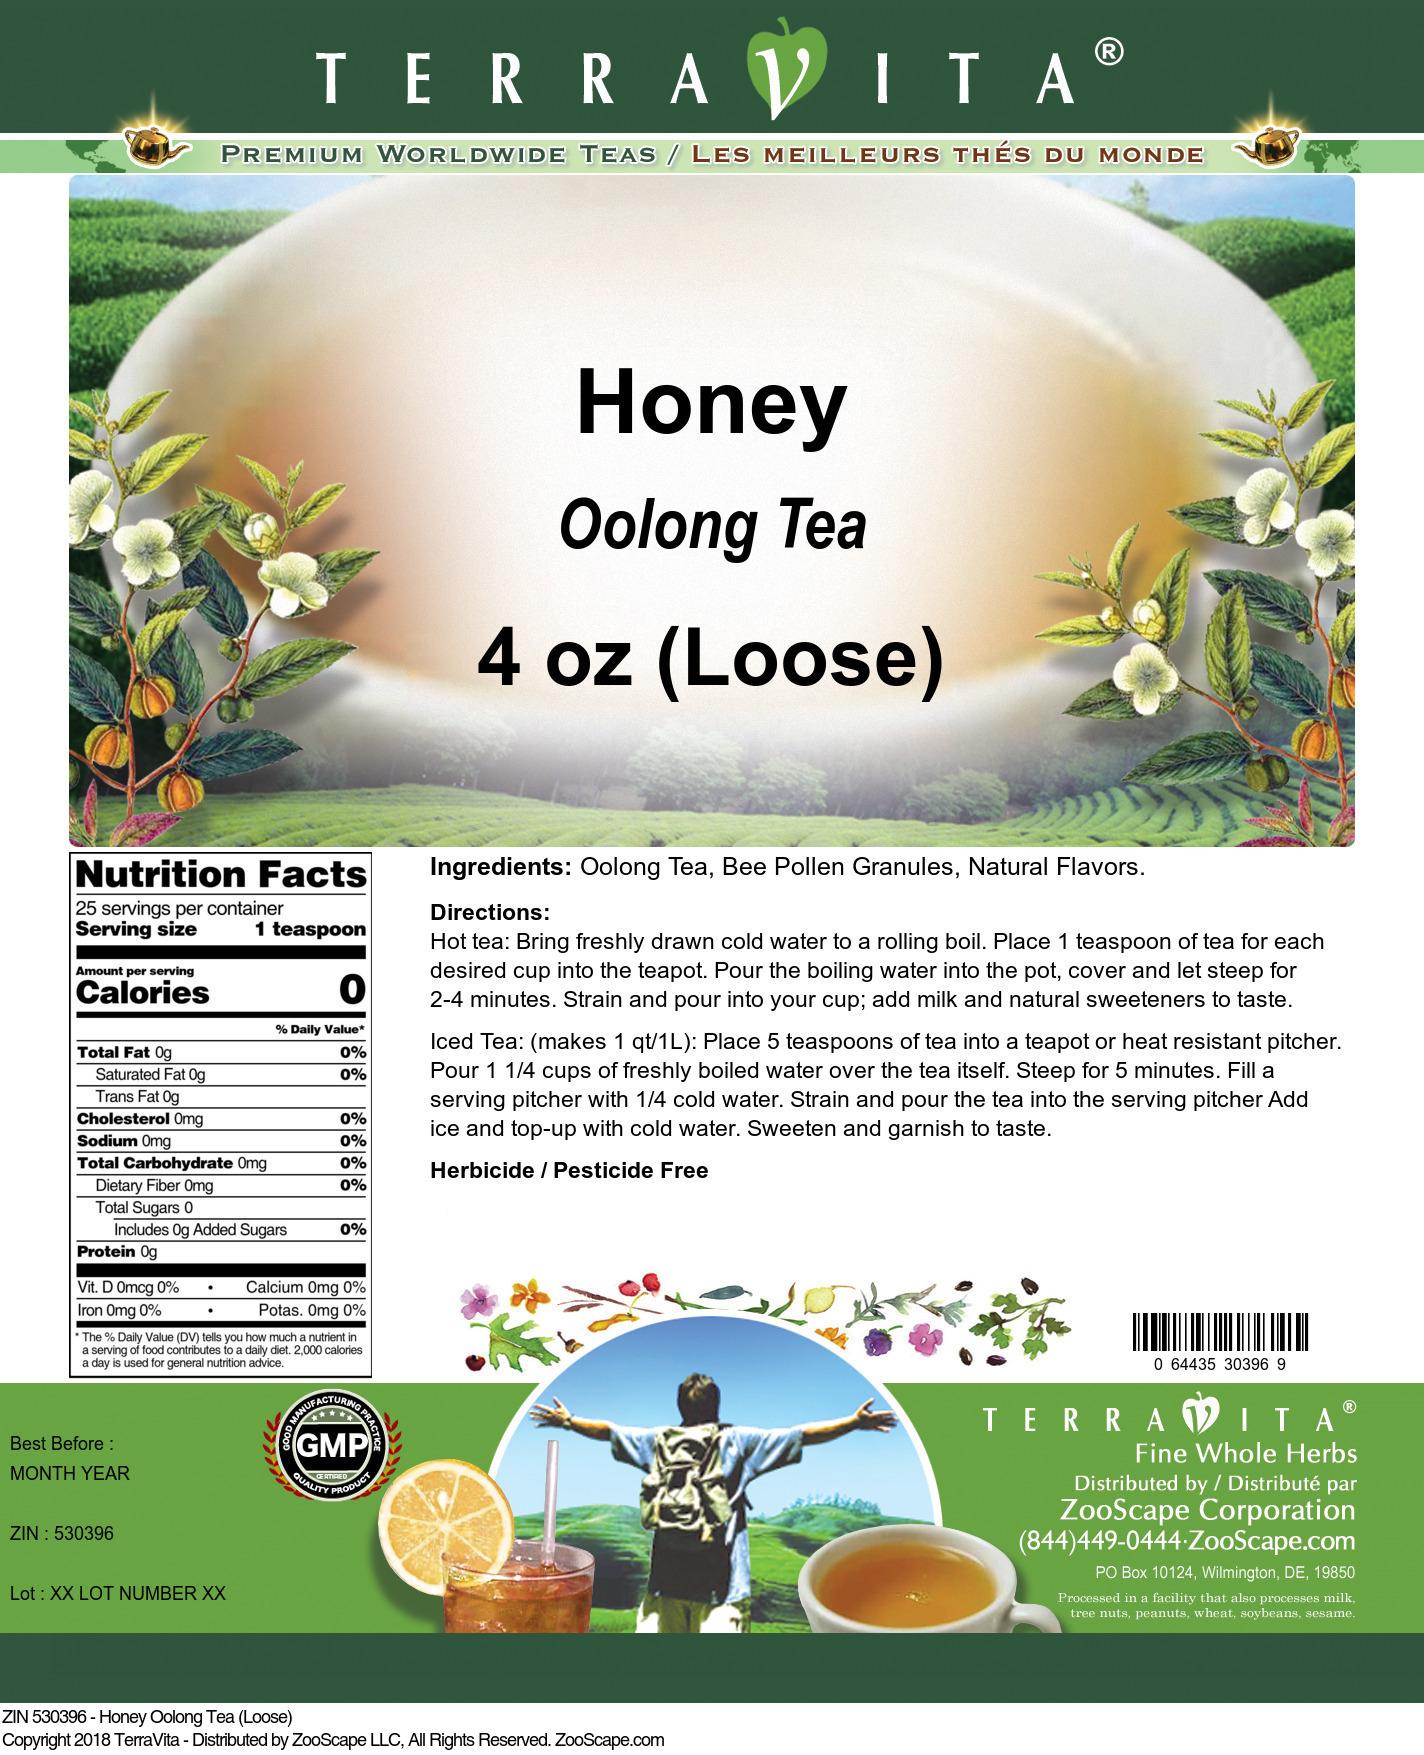 Honey Oolong Tea (Loose)